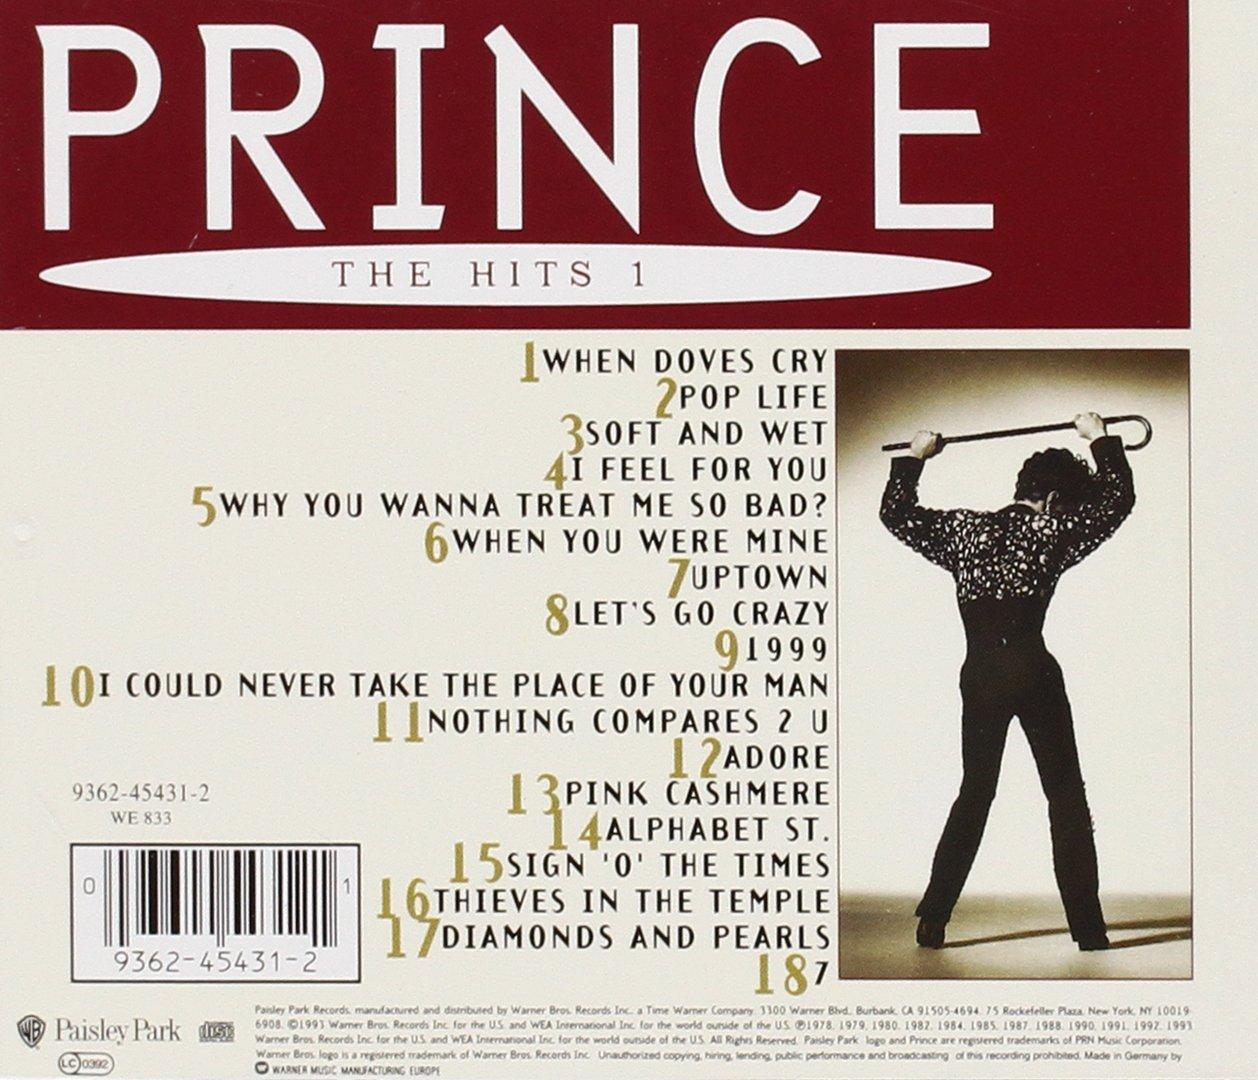 Prince - Prince - The Hits 1 - Amazon.com Music